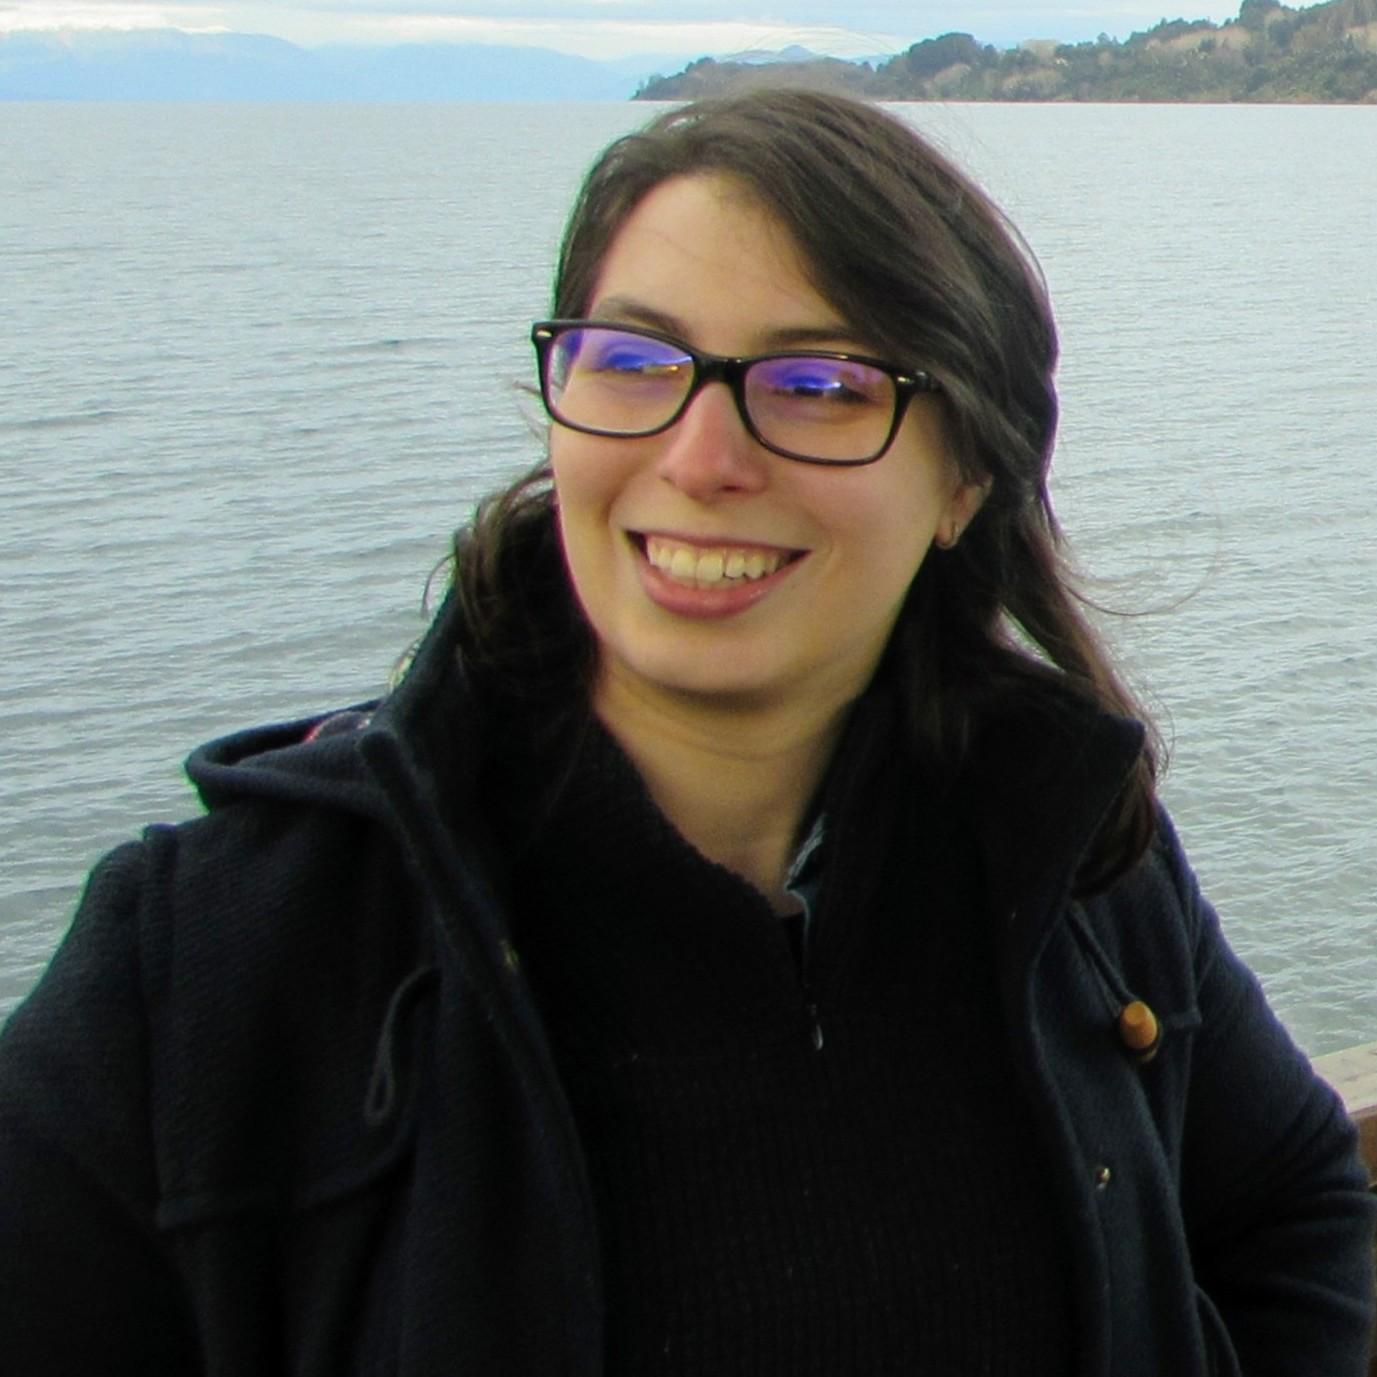 Larissa Yasin